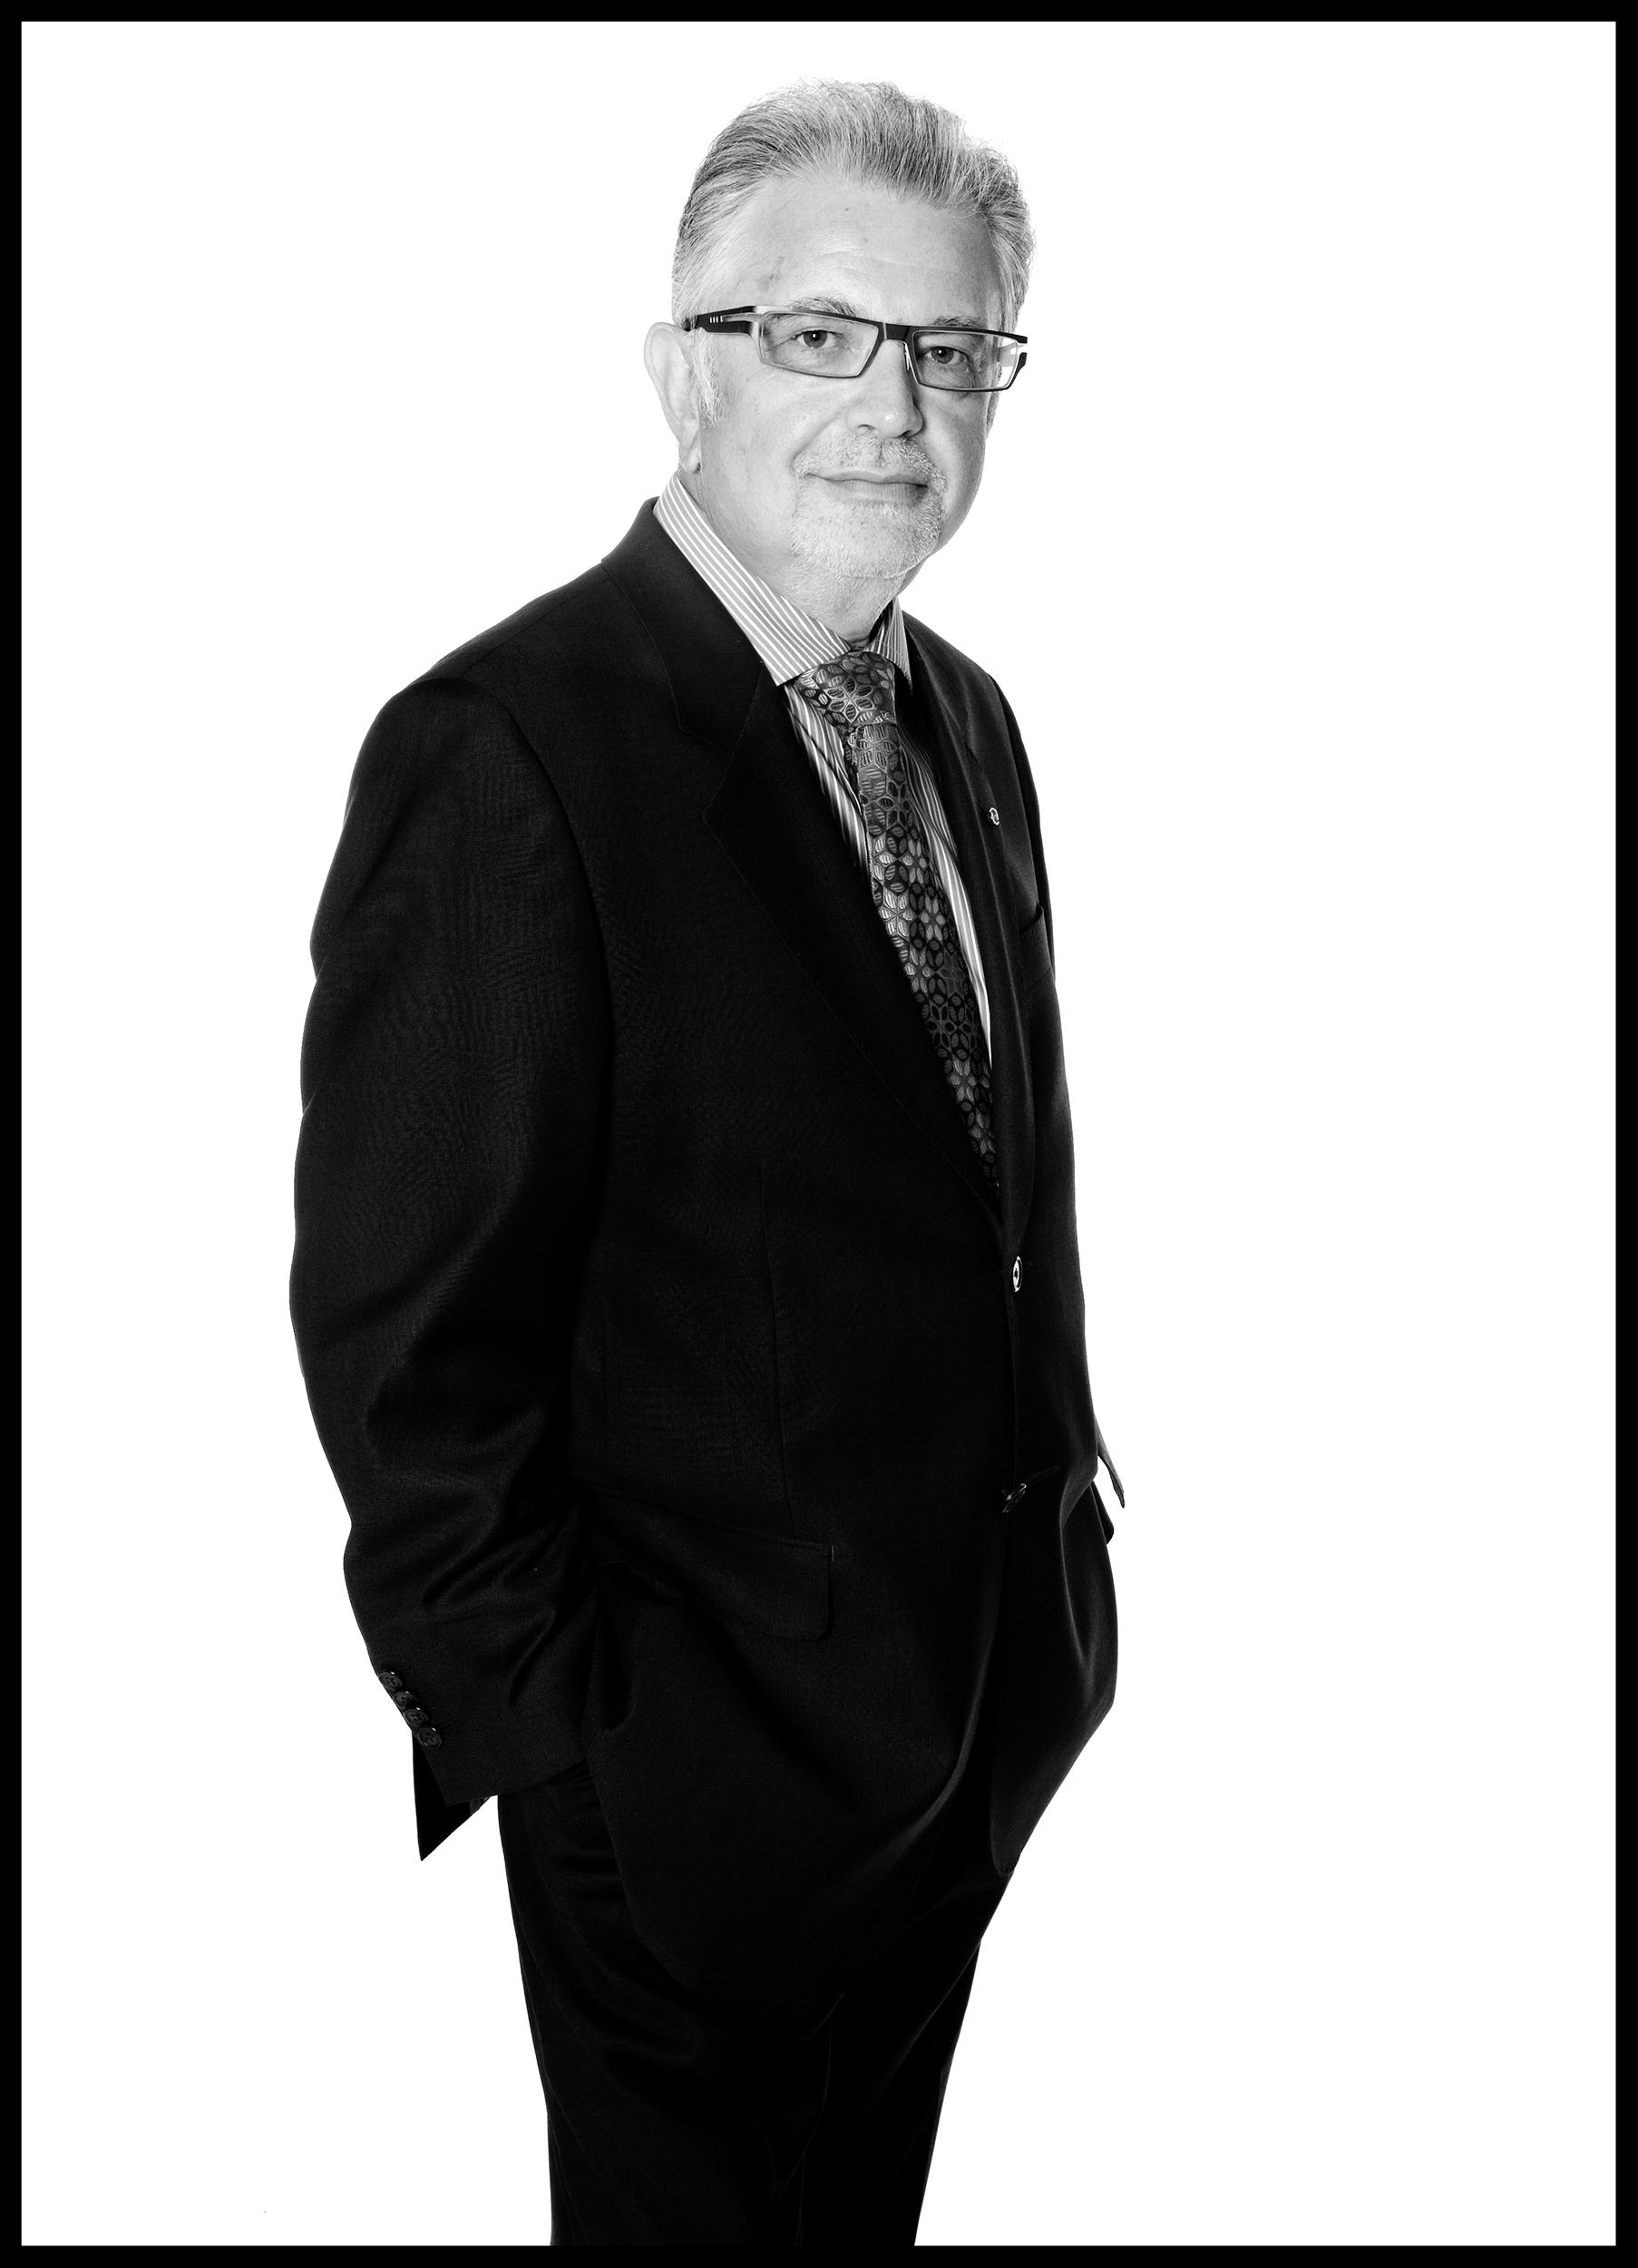 businessman in a suit portrait